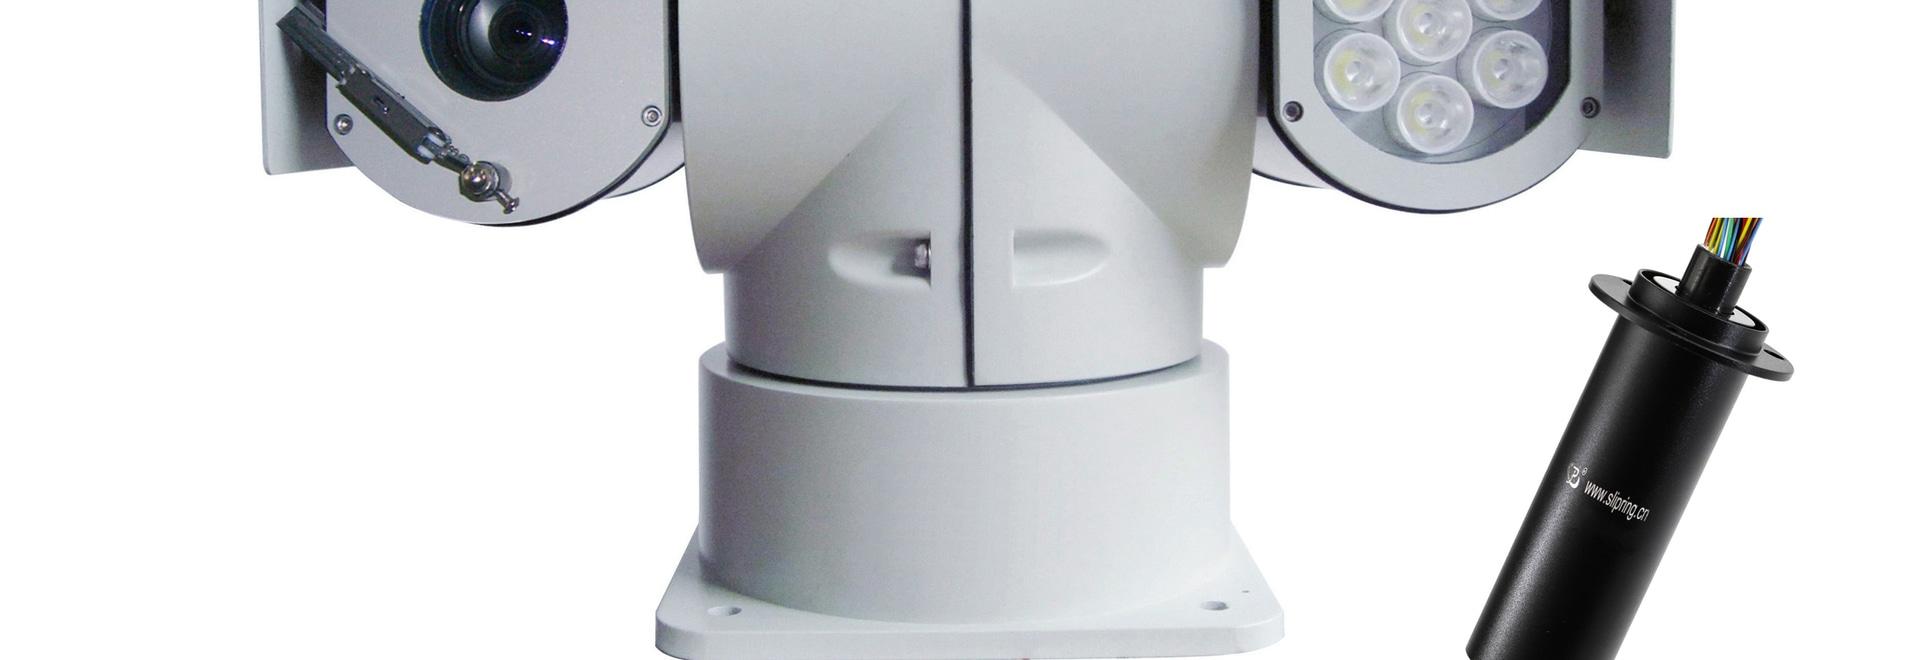 Bague collectrice de JINPAT pour la casserole montée sur véhicule et l'inclinaison de caméra